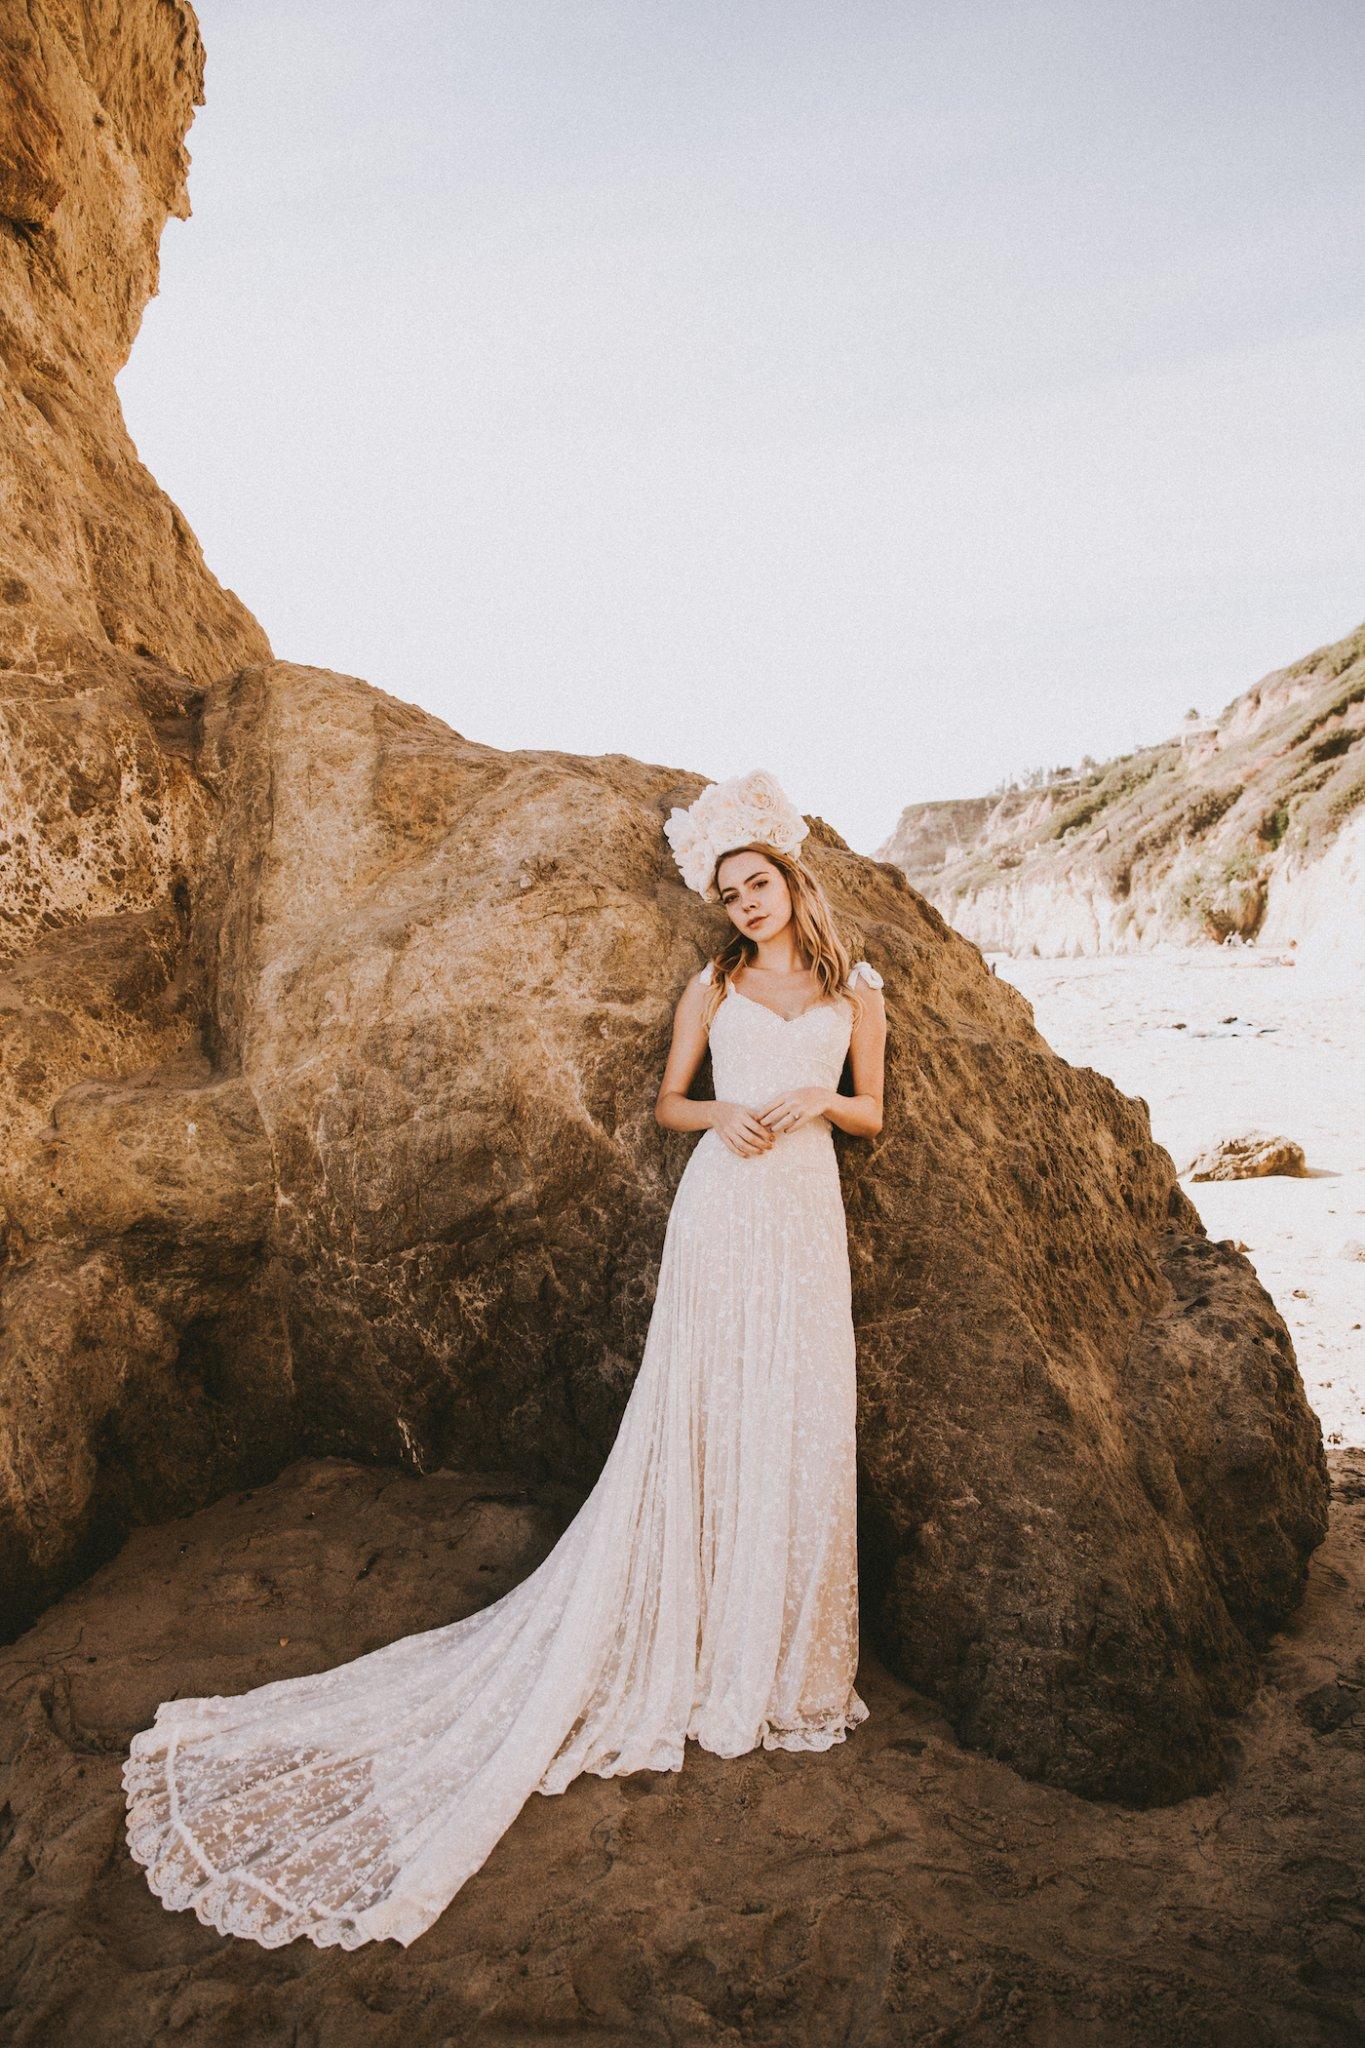 evangeline-lace-wedding-dress-v-neck-low-back-shoulder-ties-for-the-laidback-boho-chic-bride